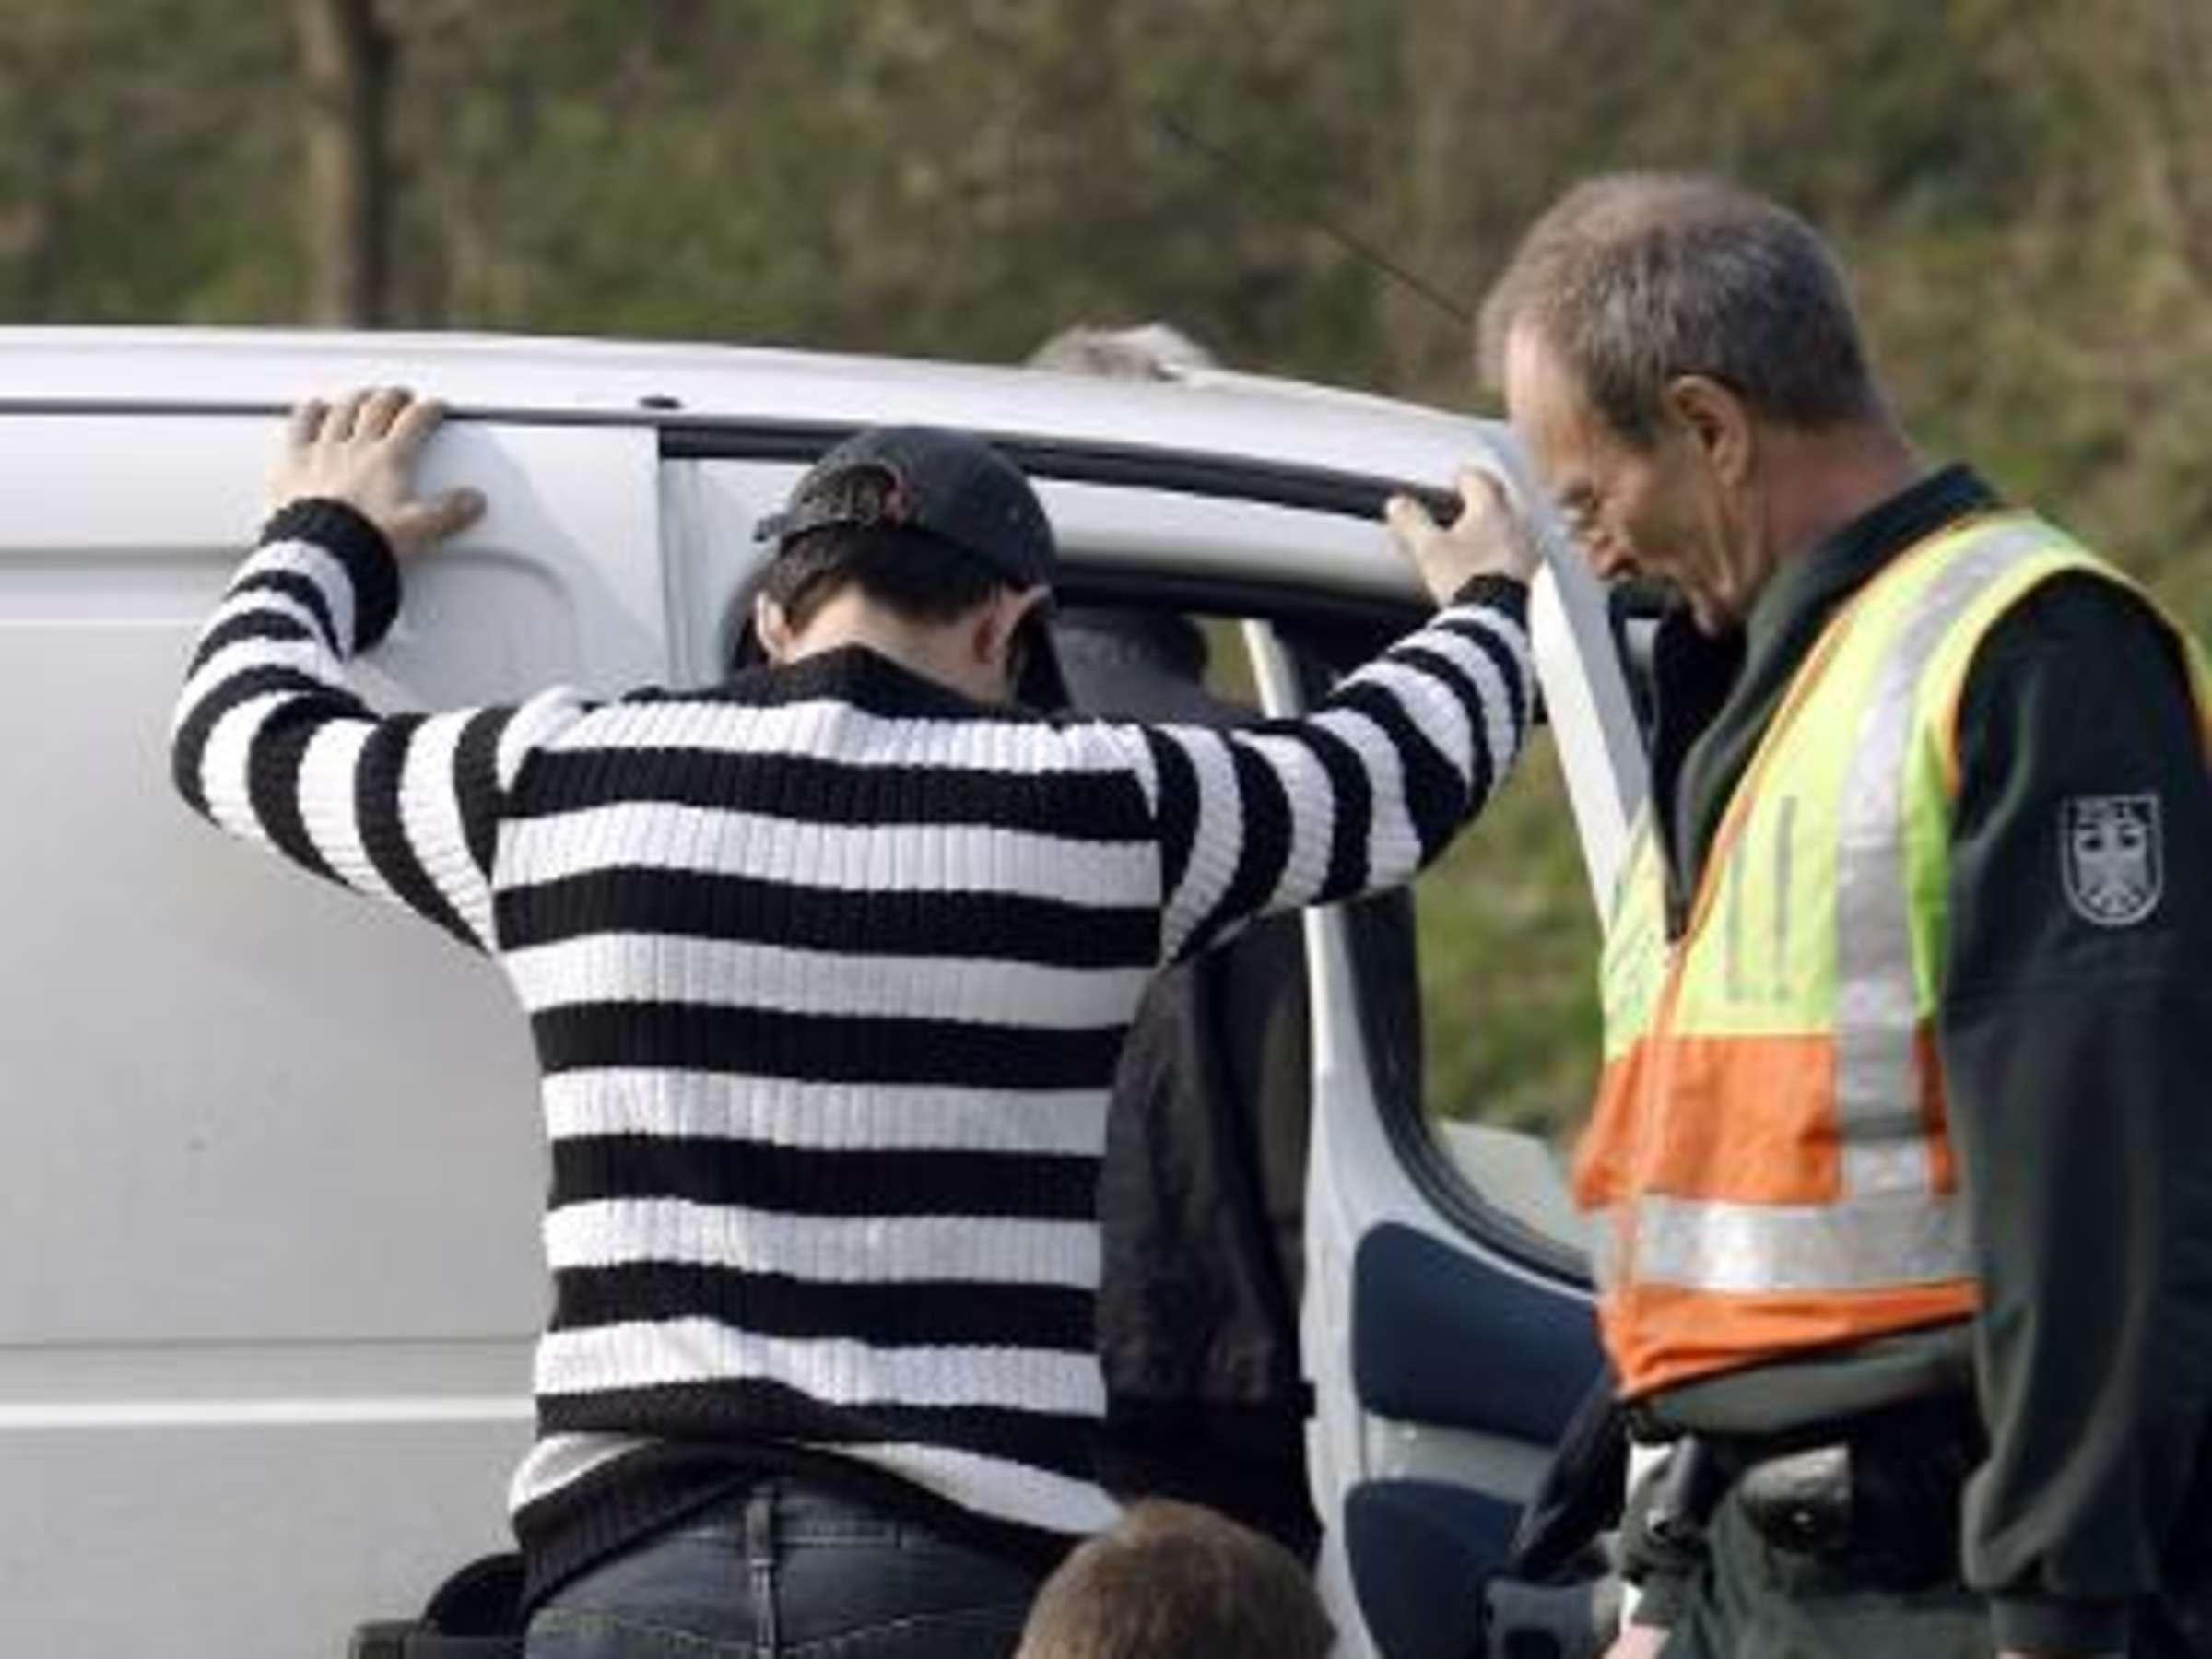 Polizei leibesvisitation videos nackt Leibesvisitation, Polizei?